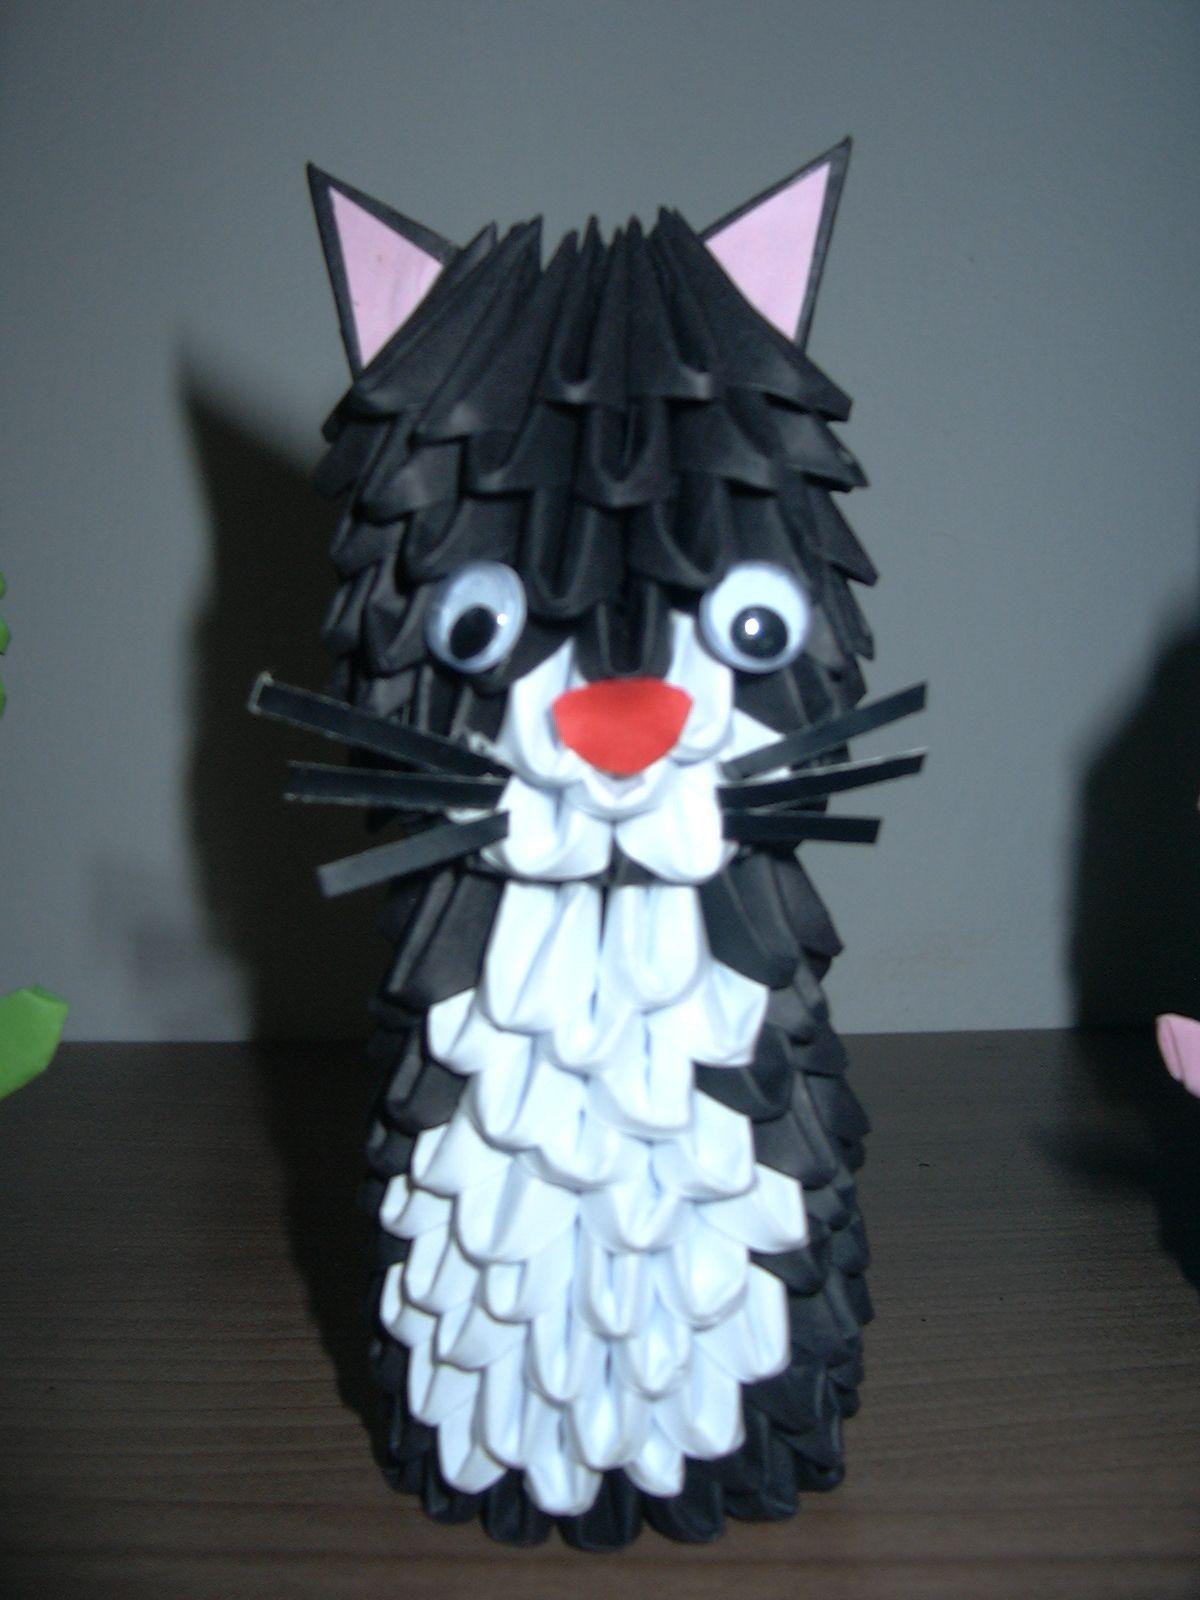 3D ORIGAMI WILSUJ: Model 3d origami - ANIMALS | Crafts ... - photo#48